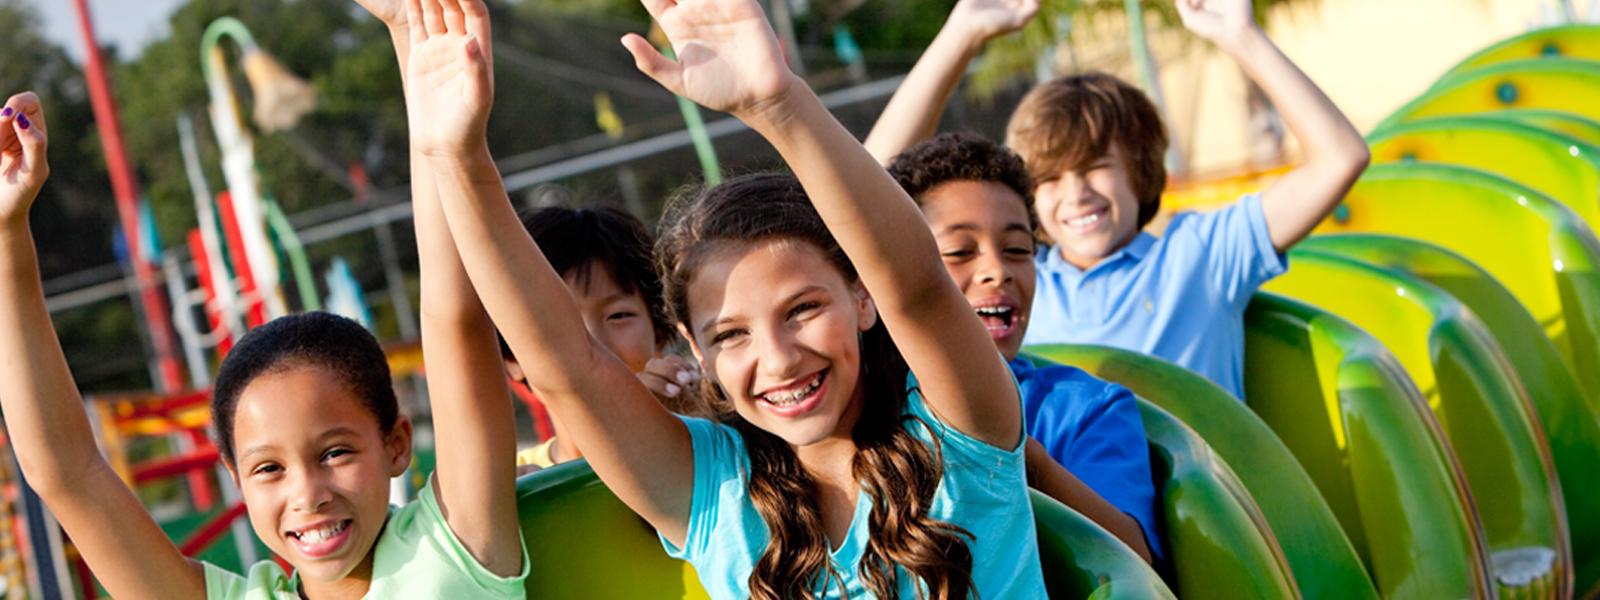 School Field Trips | Adventure Landing & Shipwreck Island Water Park | Jacksonville Beach, FL